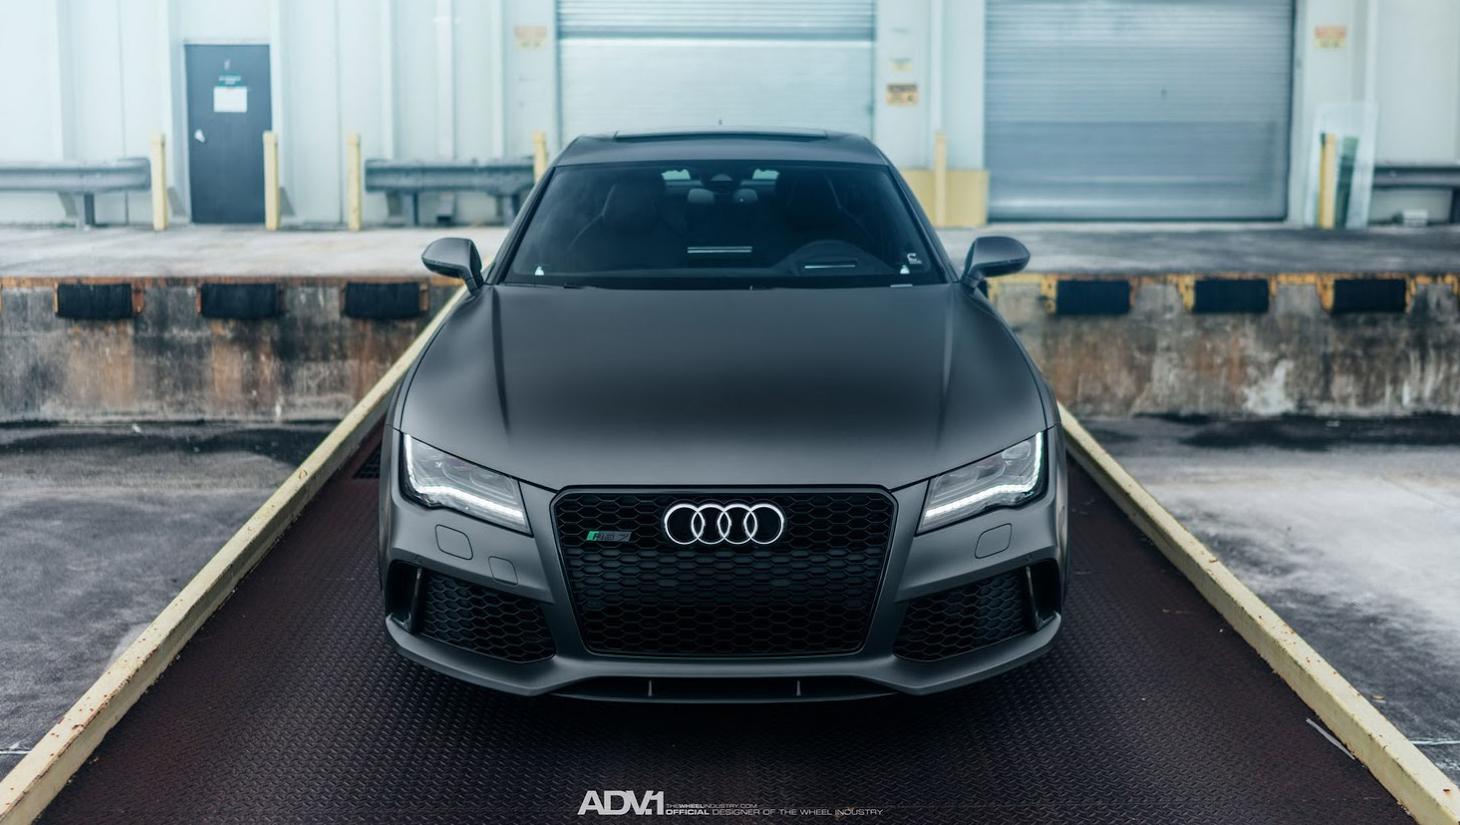 ADV.1魅力加持 奧迪《Audi RS7 Sportback》換鞋化身綠魔鬼 準備掠奪路人目光!